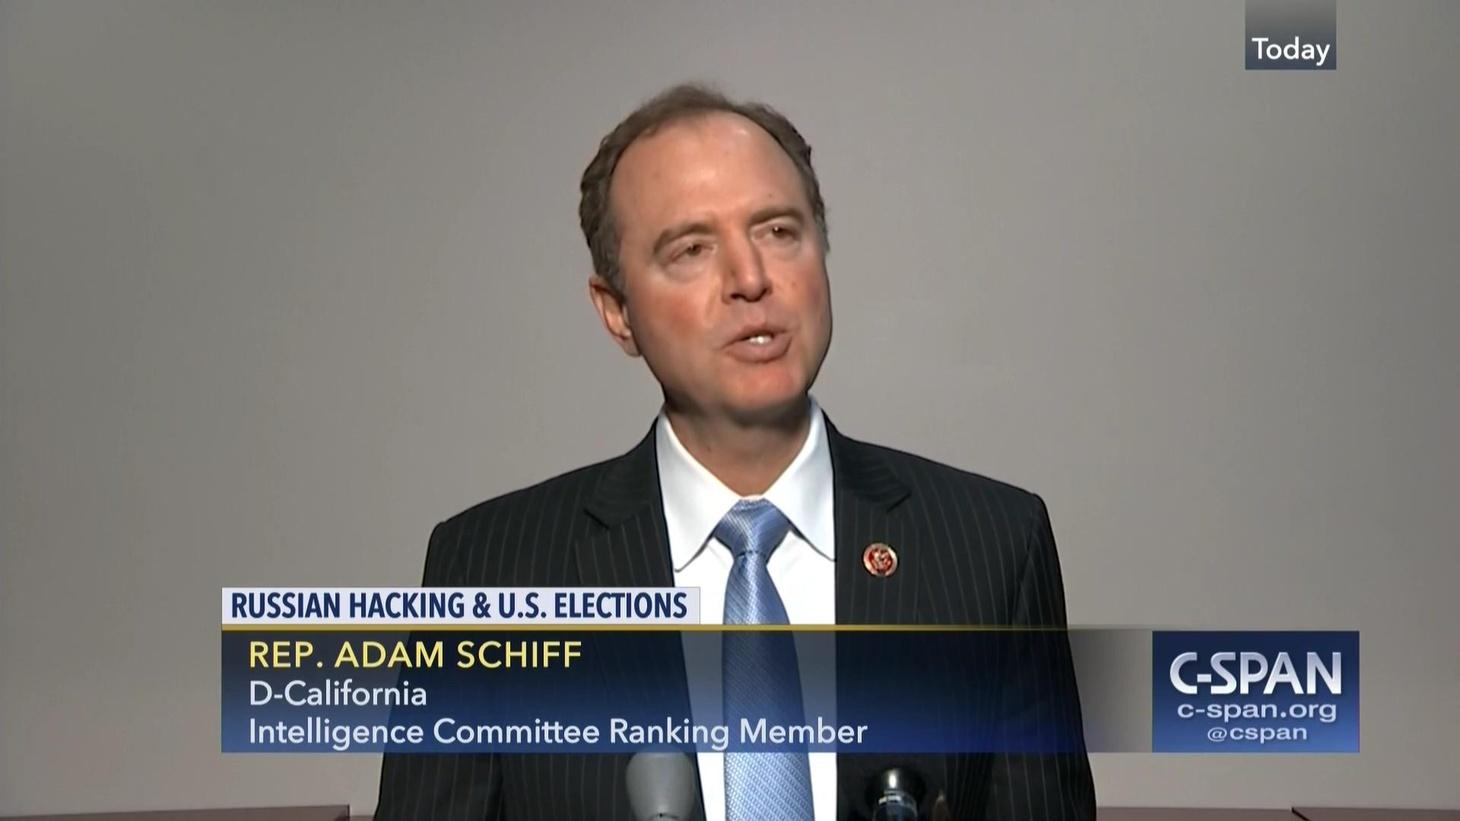 Rep. Adam Schiff speaking on C-Span.